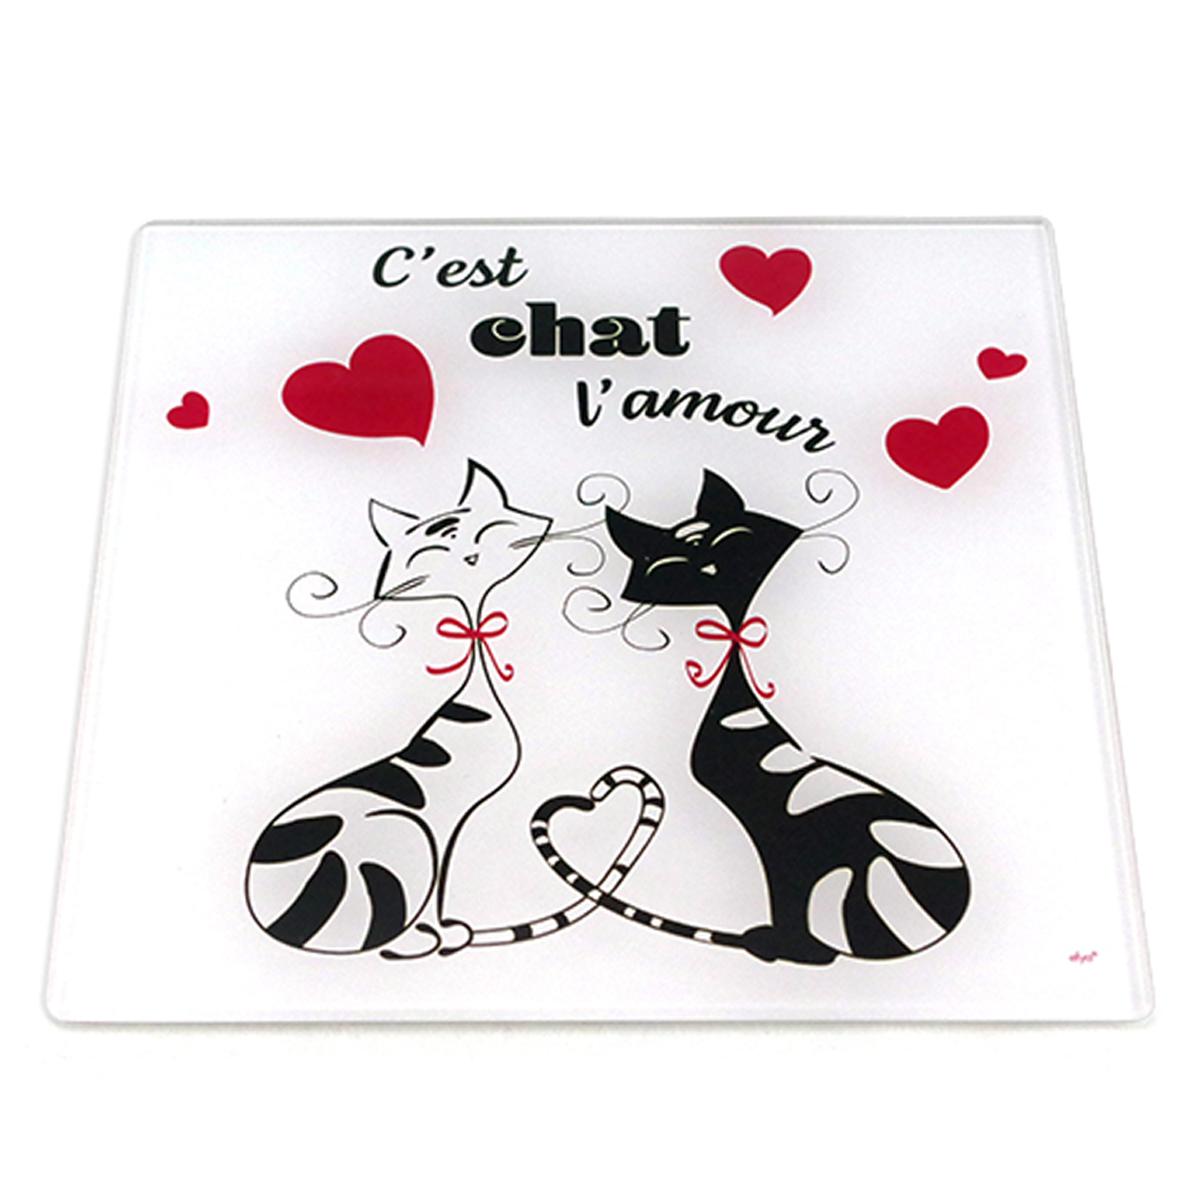 Dessous de plat verre \'Chats\' rouge noir blanc (C\'est chat l\'amour) - 20x20 cm - [A1913]